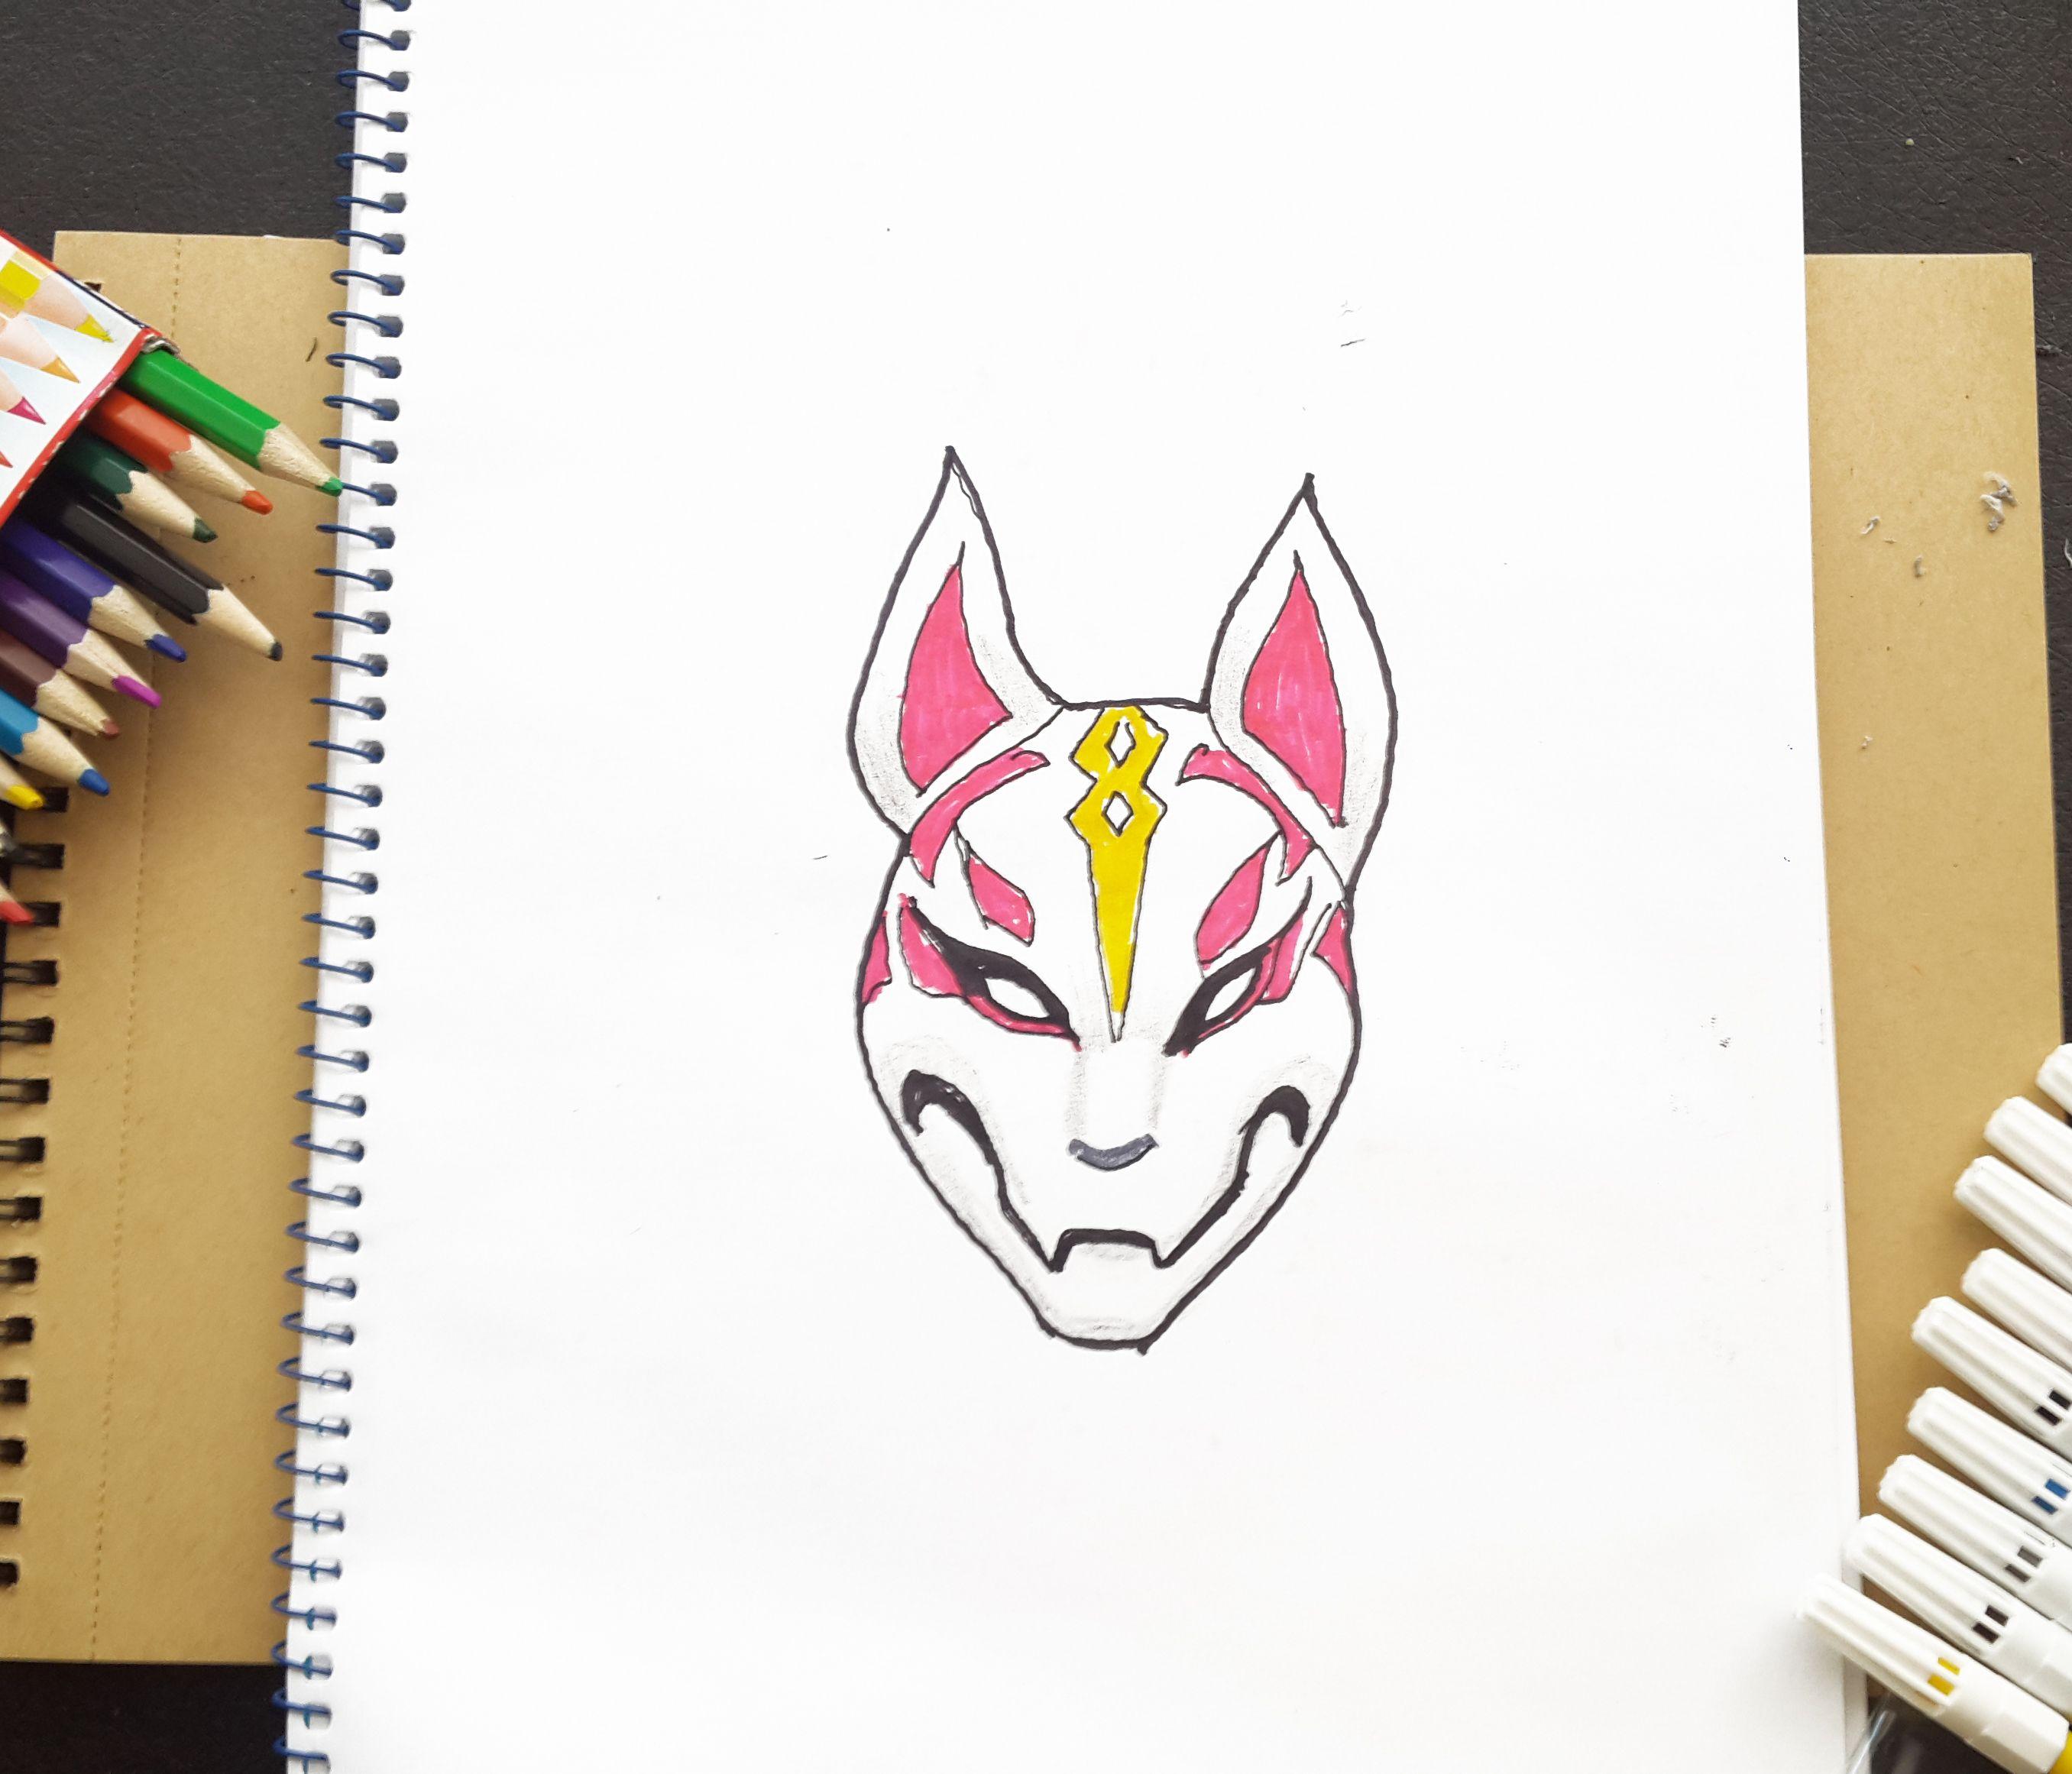 Drift Fortnite How To Draw Drift S Mask From Fortnite Battle Royal